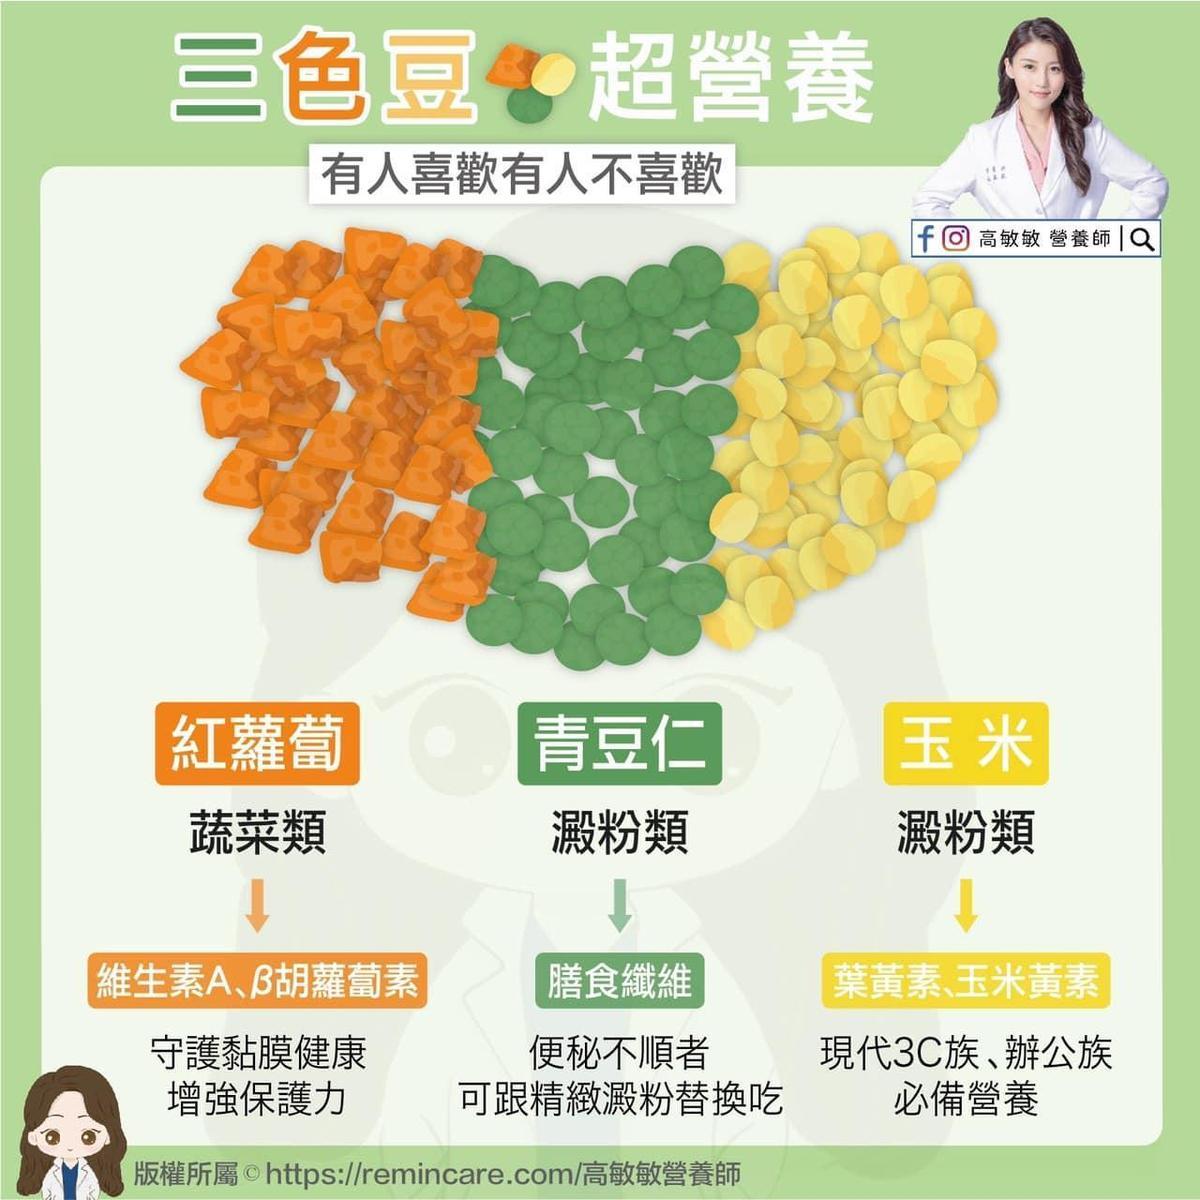 高敏敏點出三色豆營養價值高,能增強保護力、改善排便,也是常盯螢幕的3C族的必備營養。(營養師高敏敏授權提供)